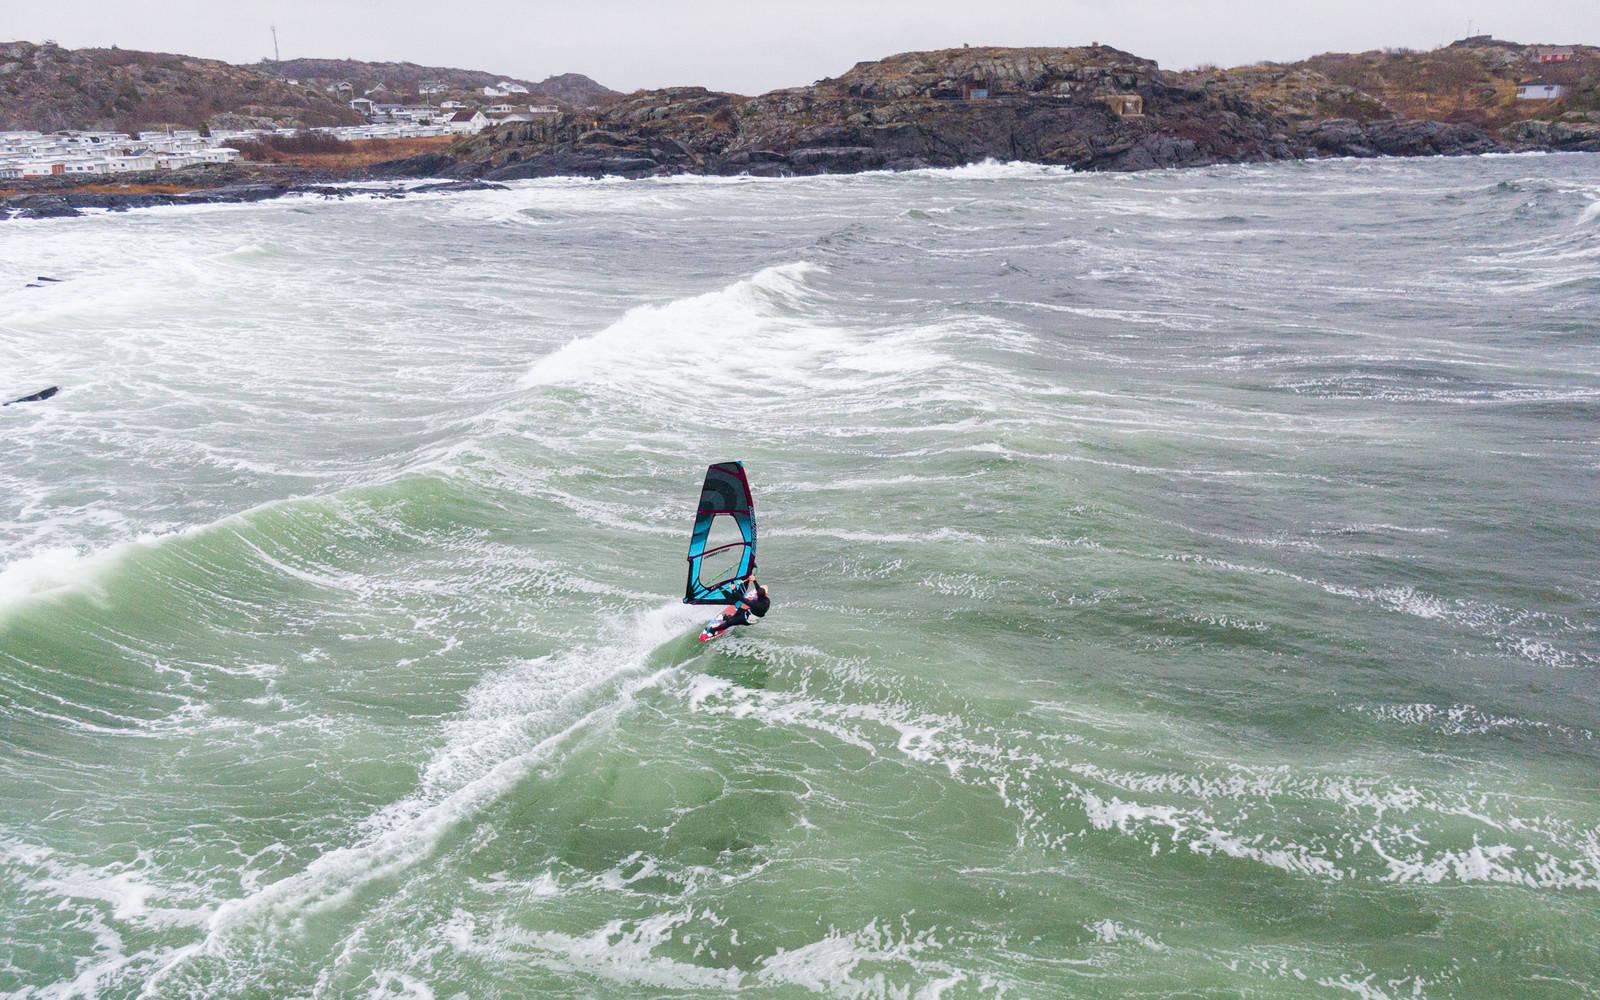 Windsurfing Saltstein Bølger foto: Christian Nerdrum